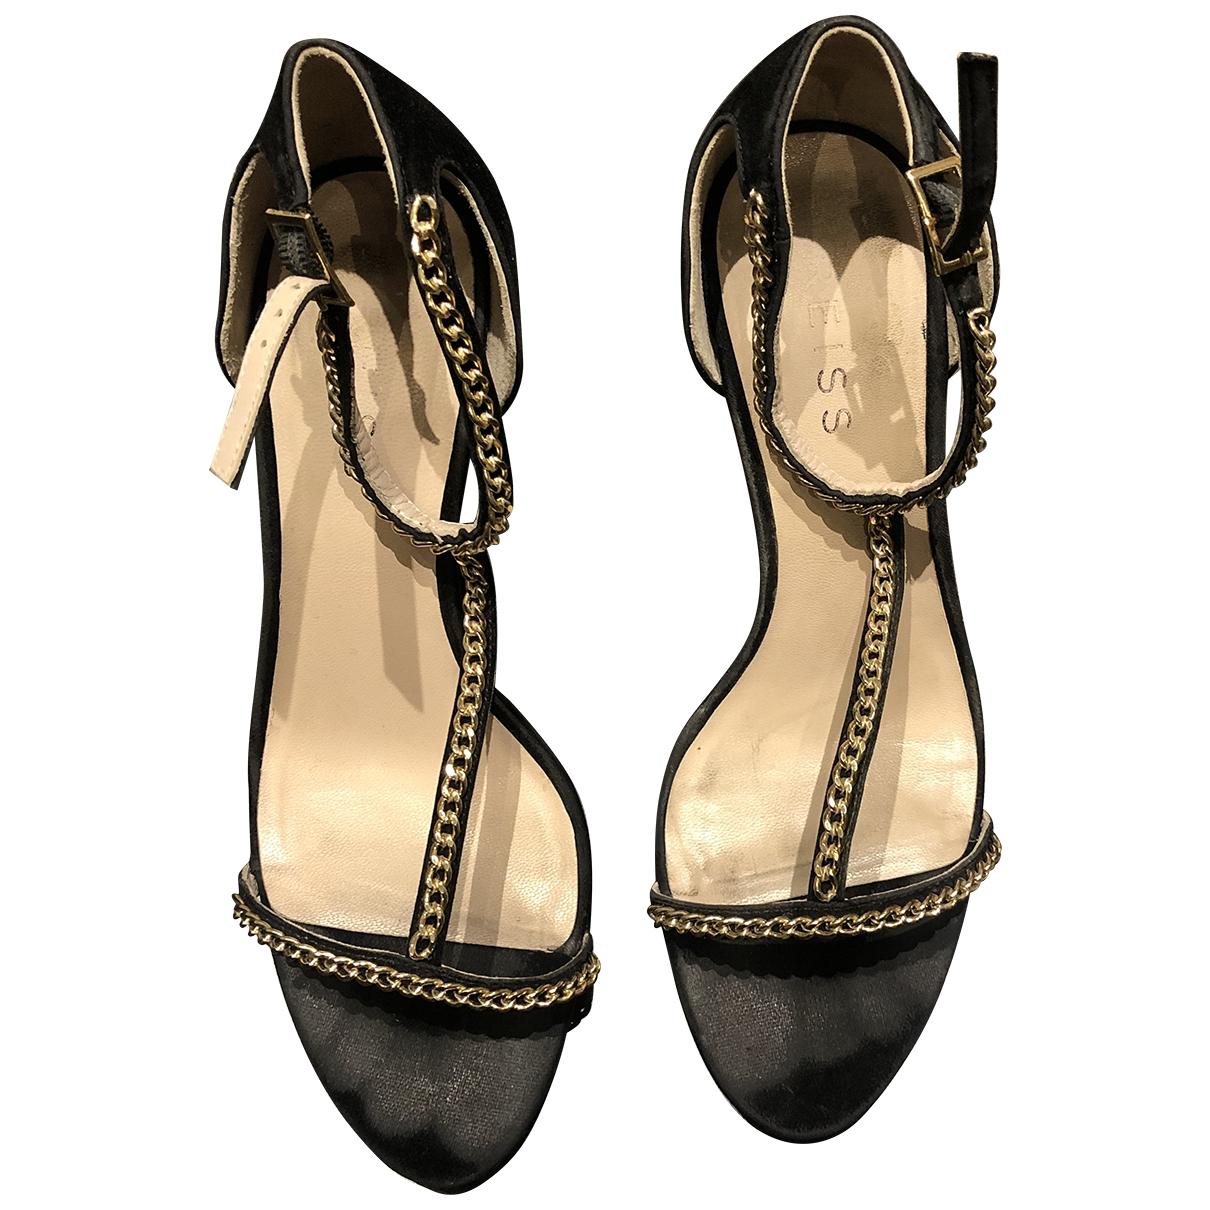 Reiss - Sandales   pour femme en cuir - noir